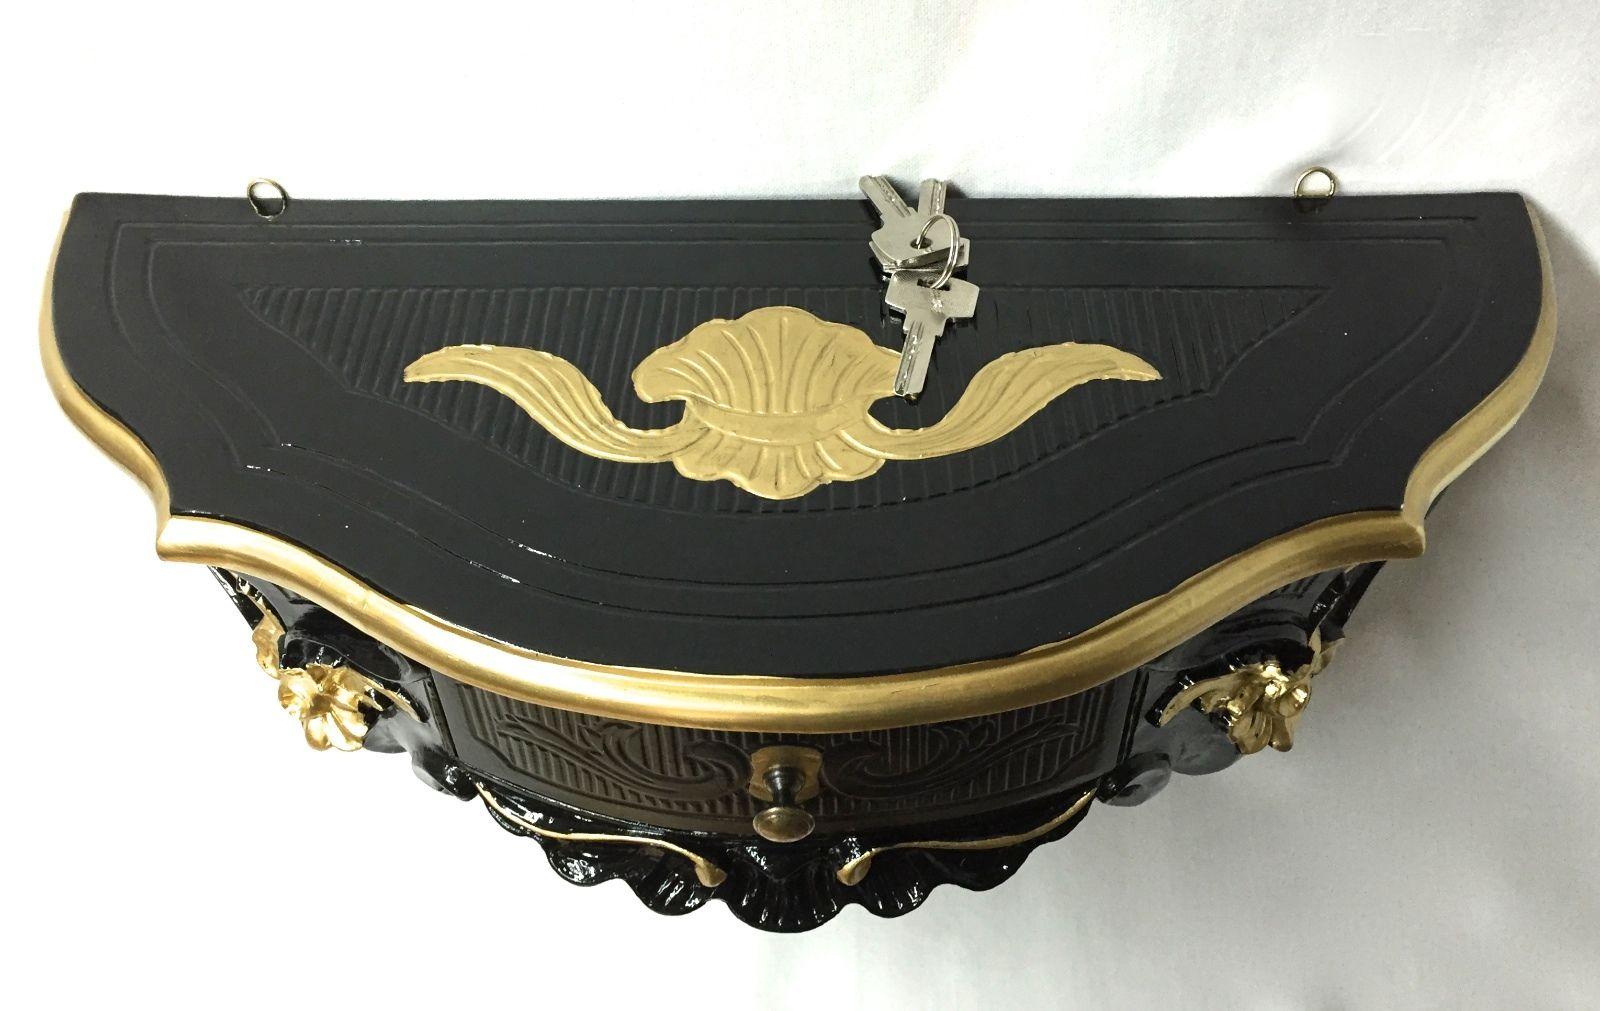 Wandkonsole Mit Schublade wandkonsole mit schublade spiegelkonsole barock schwarz gold 50x27